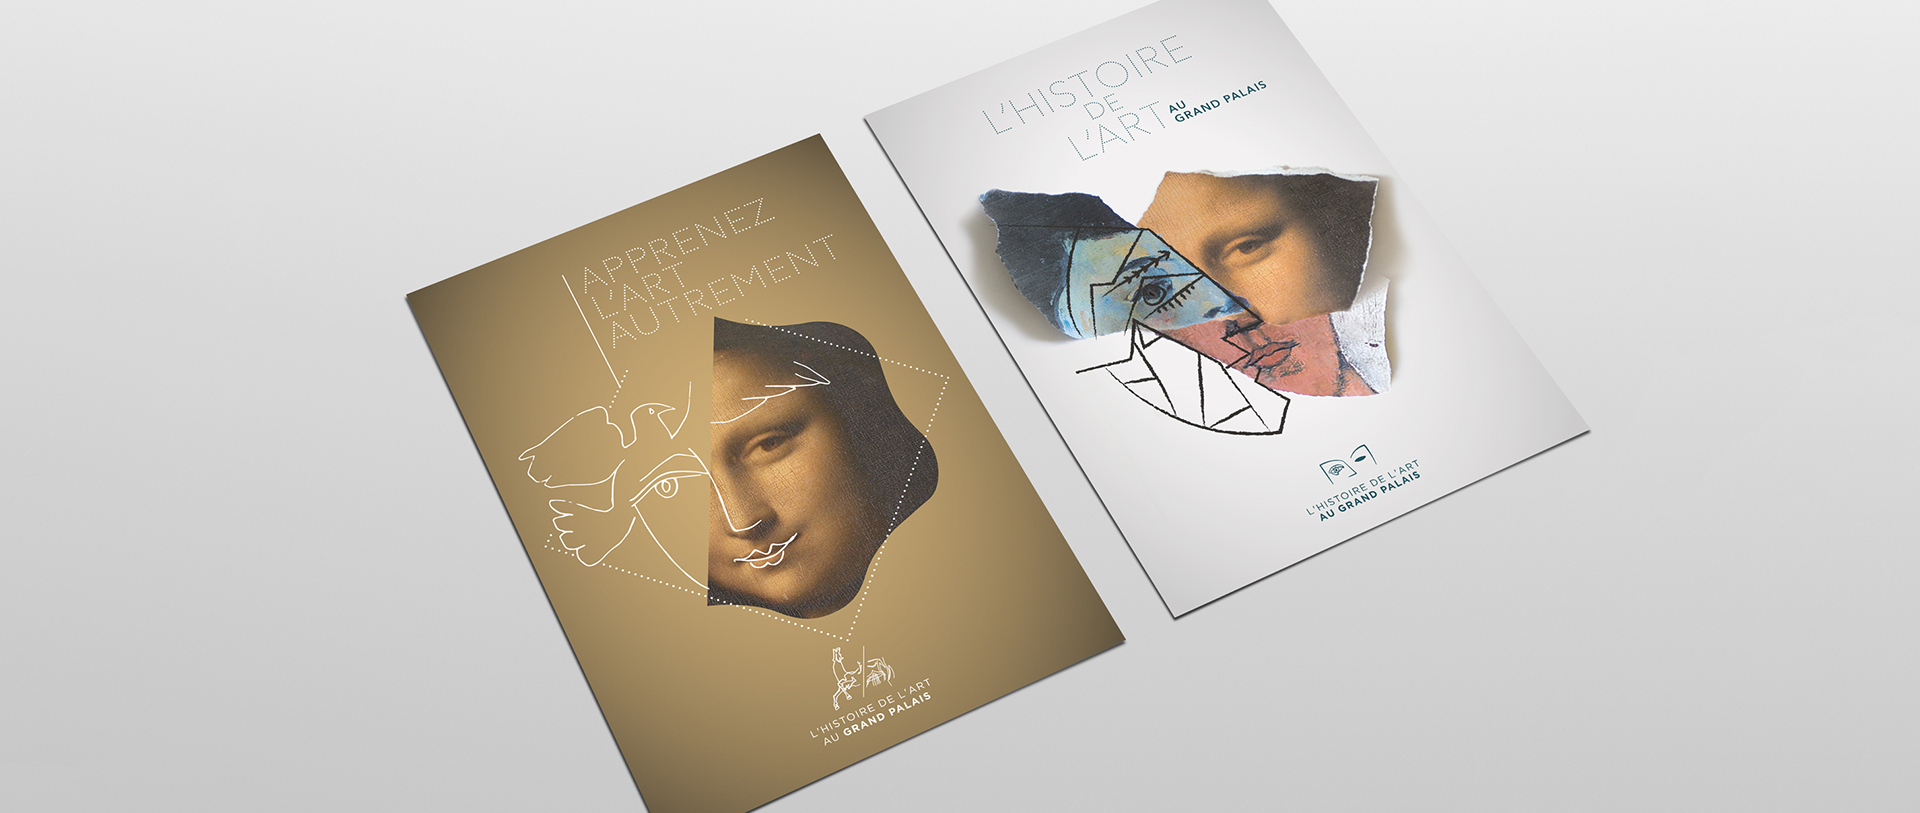 Affiche identité Histoire de l'art au Grand Palais - RMNGP / par Epok Design